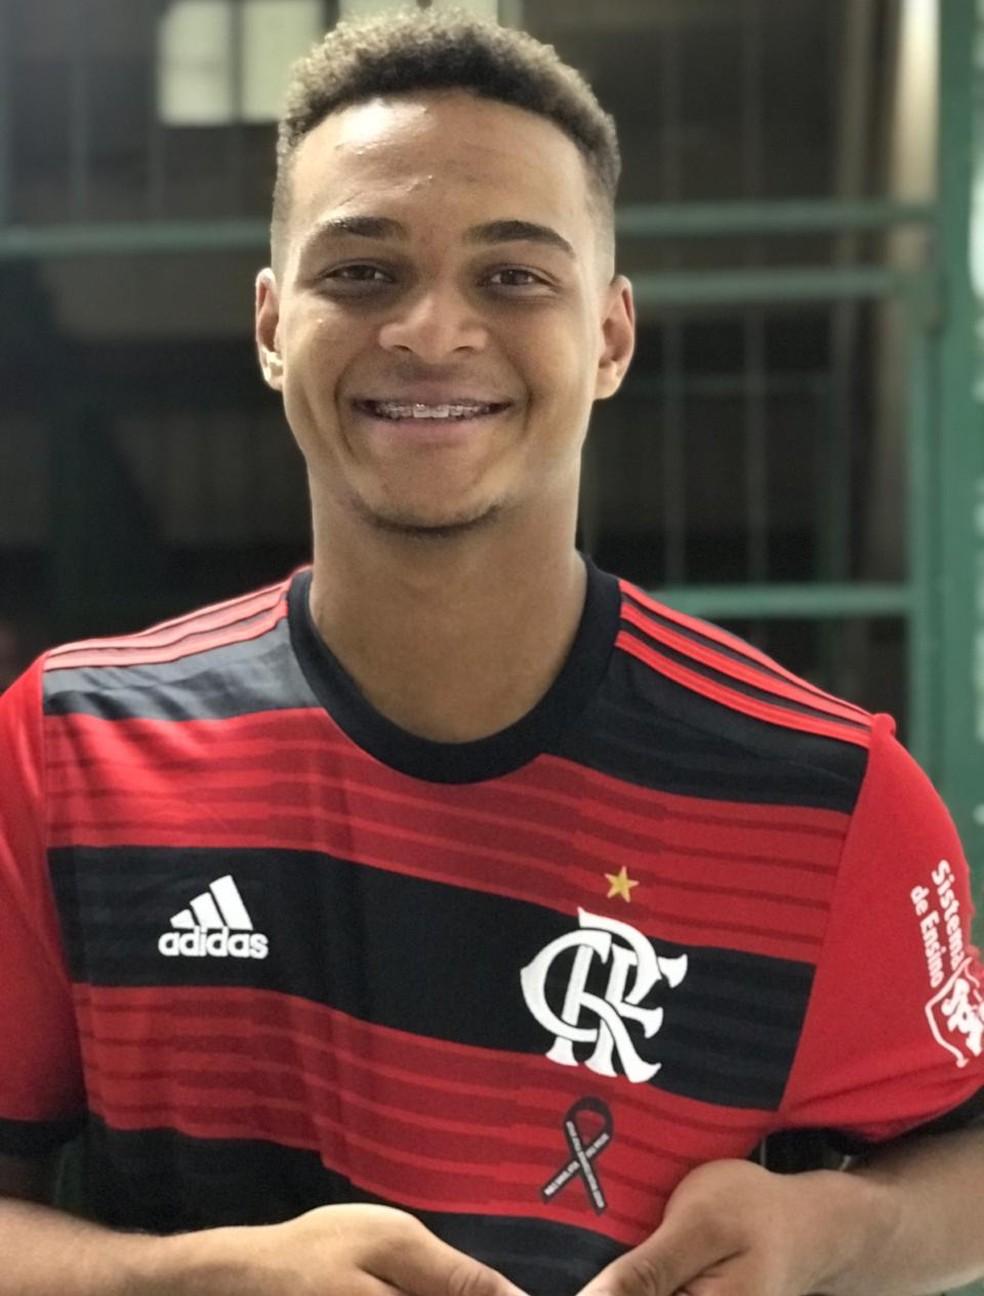 Rodrigo exibe símbolo de luto no uniforme do Flamengo com nome dos amigos, abaixo do escudo — Foto: Cahê Mota / GloboEsporte.com